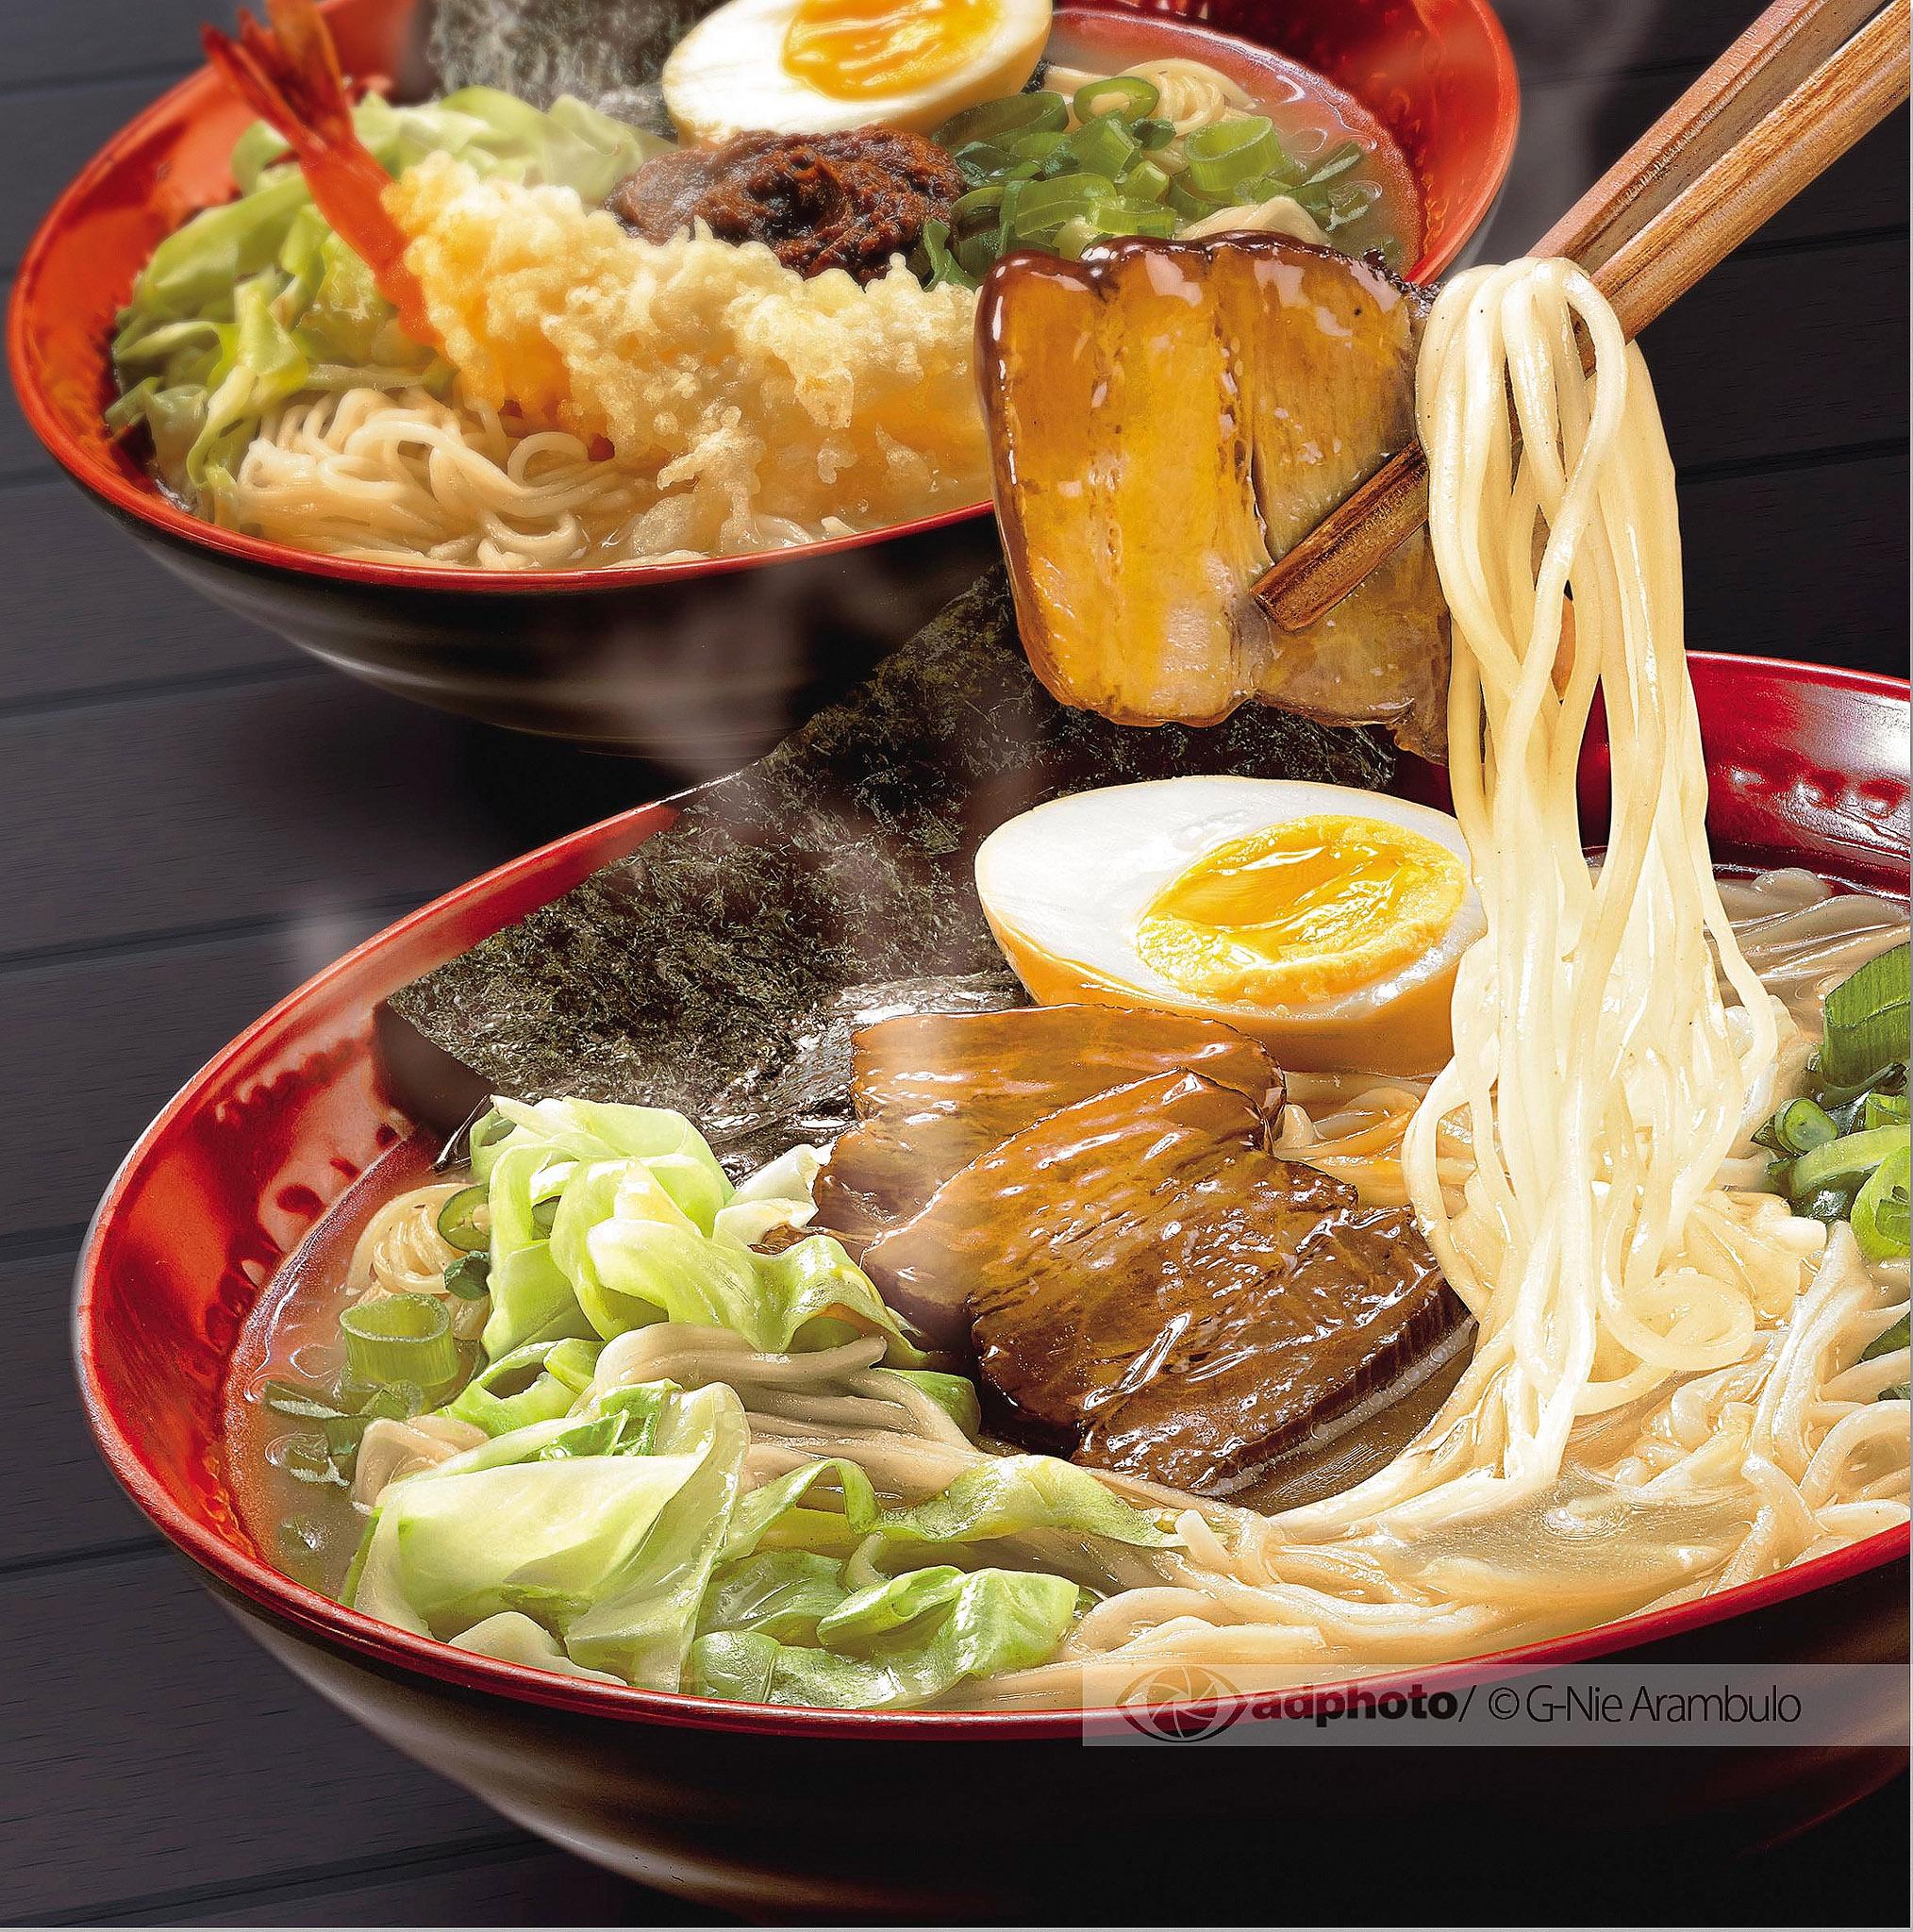 Food_G-Nie Arambulo_3.jpg